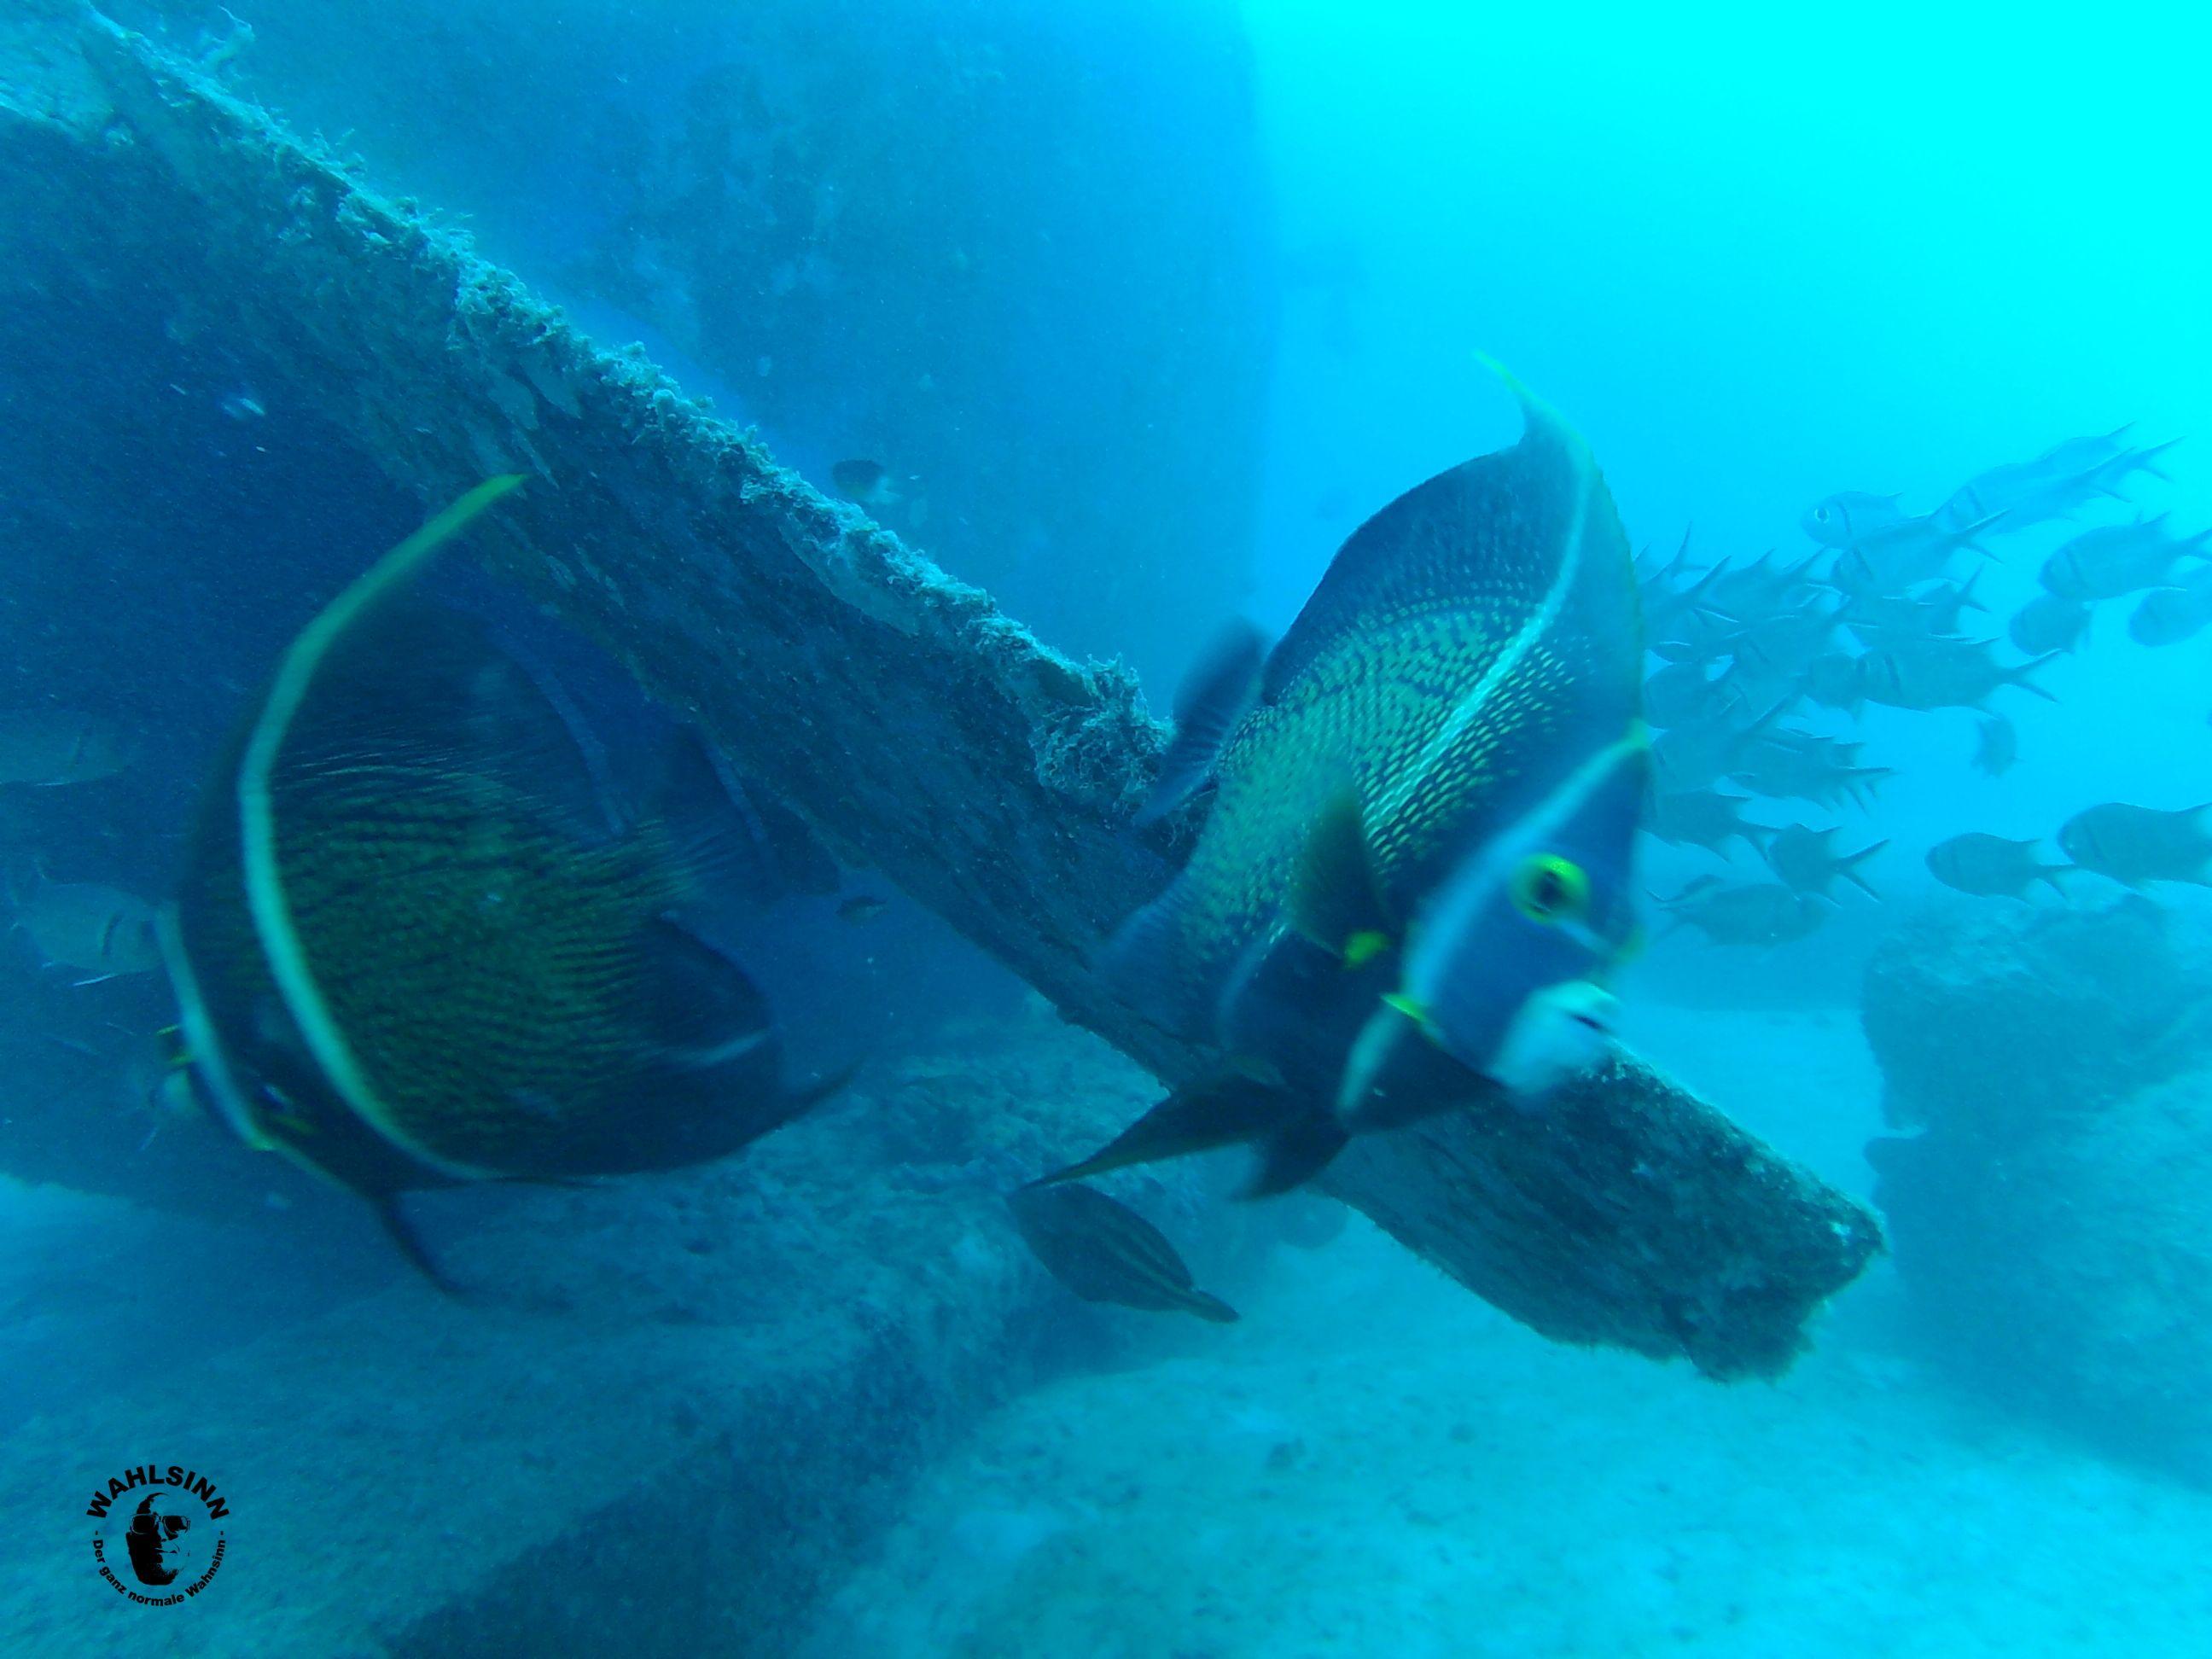 Barbados - Fischis gibts an den Wracks auch zu schauen. Und schüchtern sind sie nicht gerade